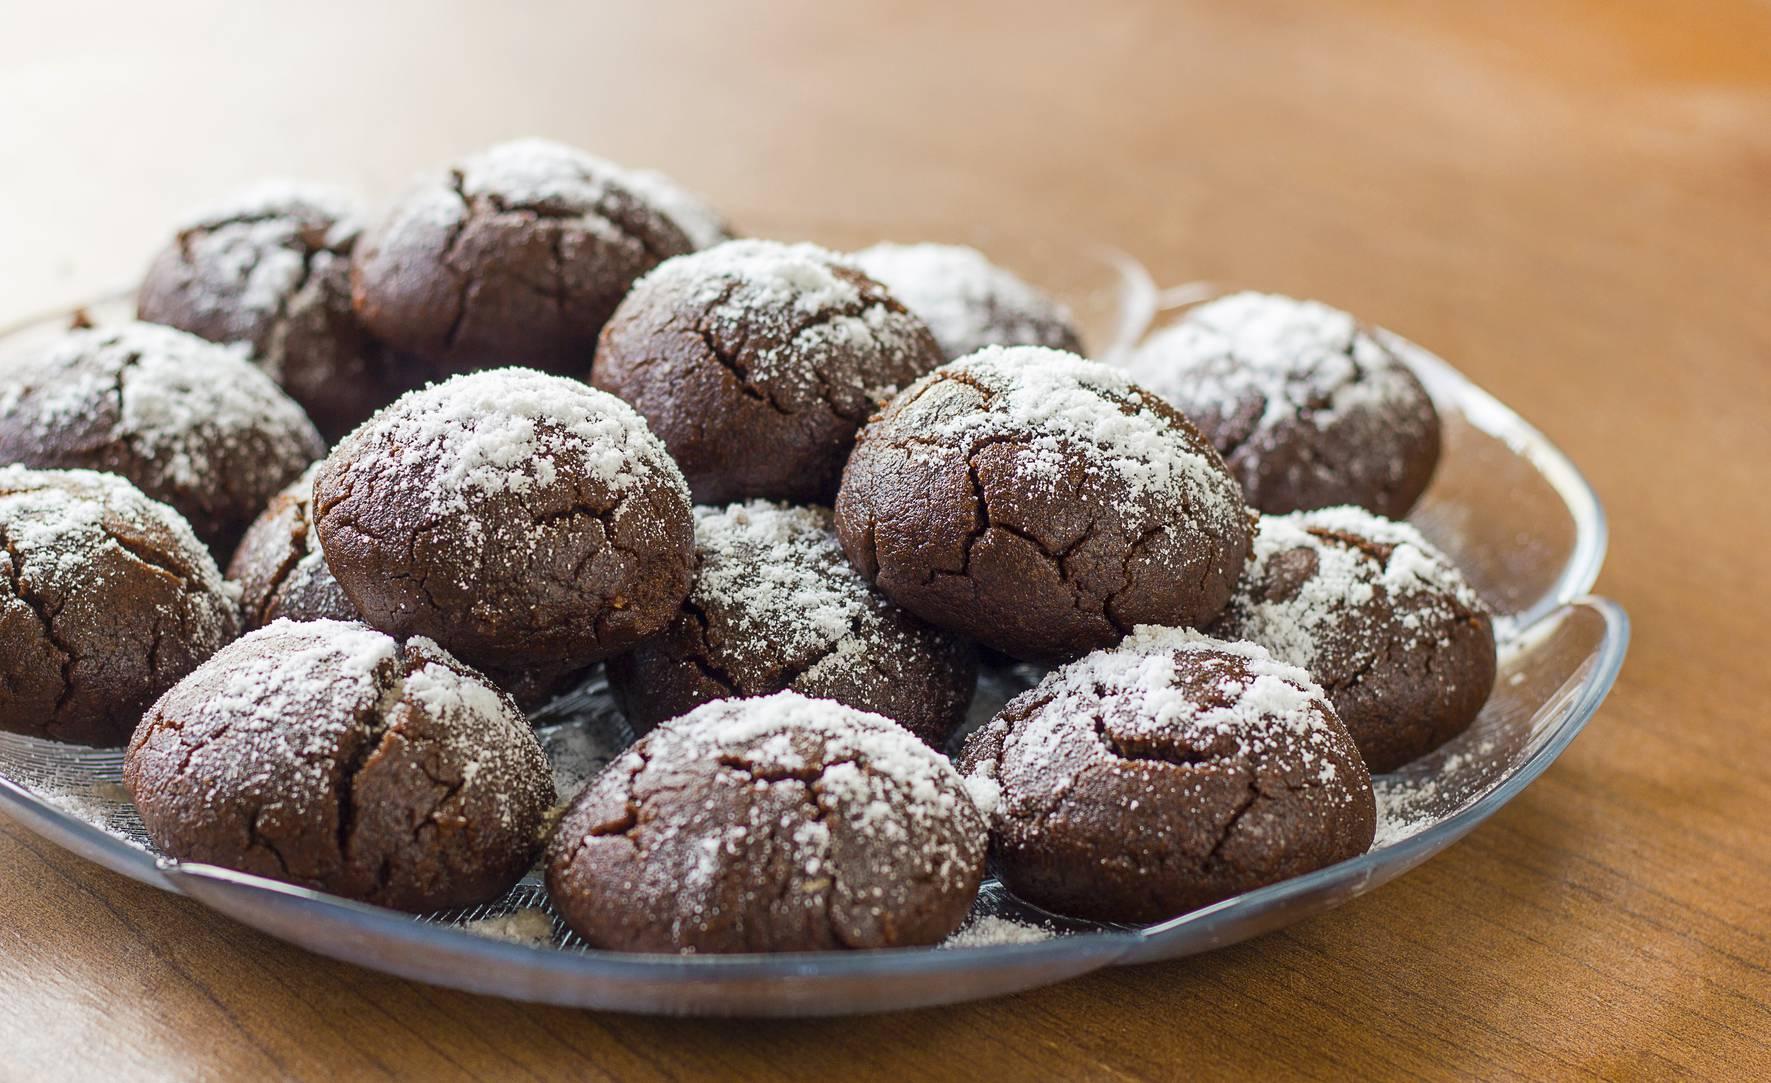 Biscotti arancia e cioccolato, un' infinita dolcezza dal gusto prelibato